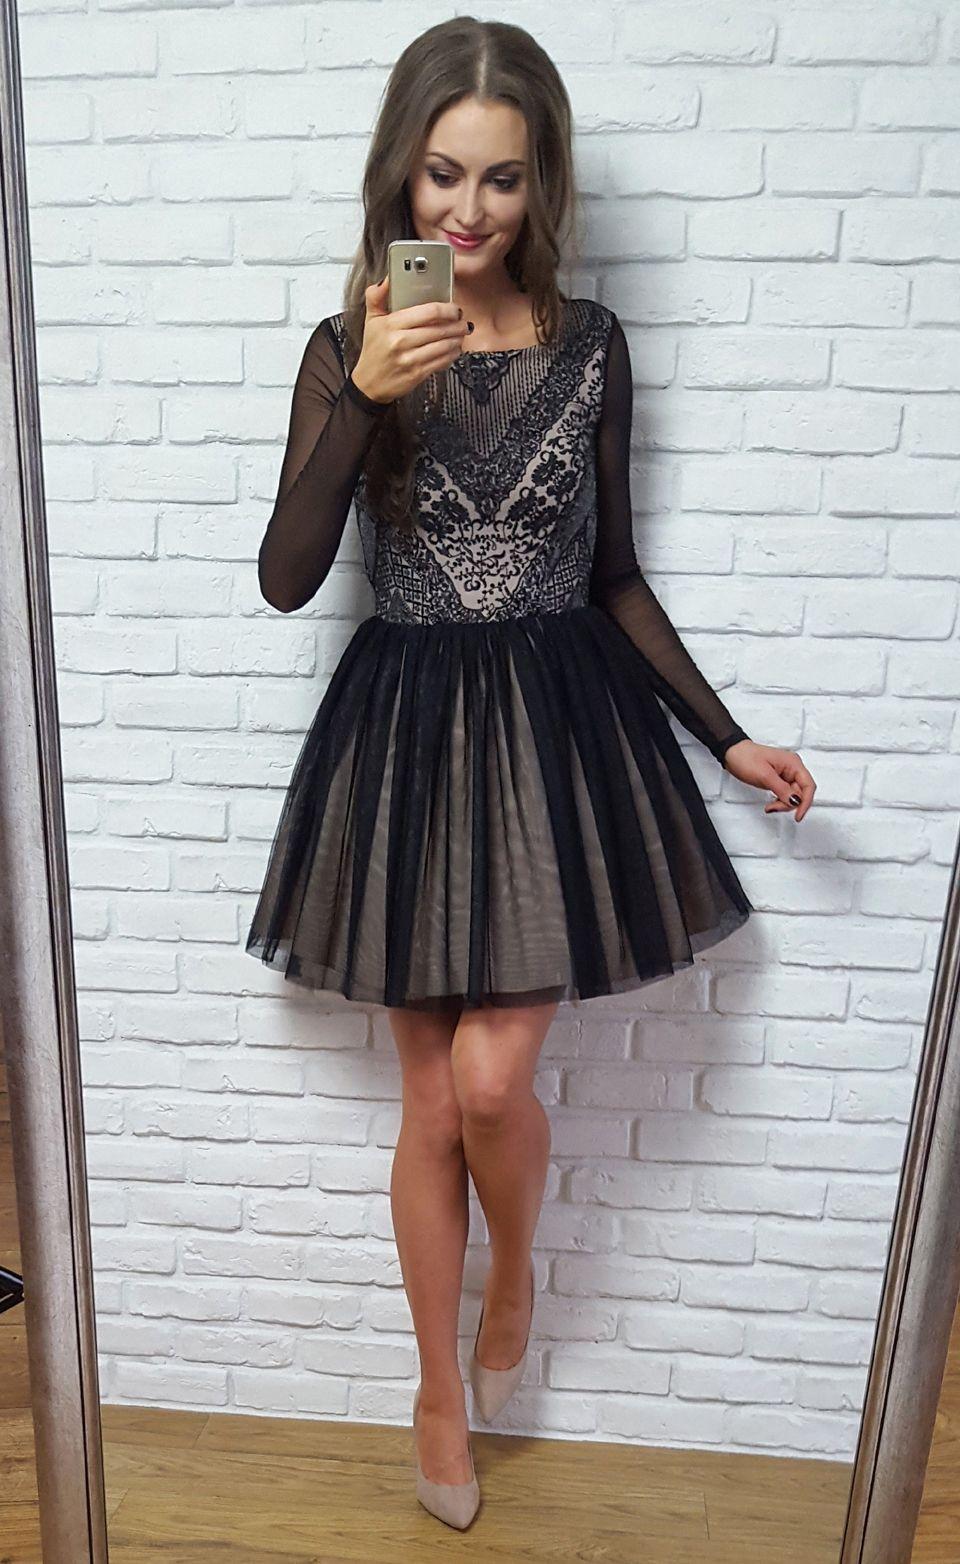 29a98f69d4a757 GABRIELLE - TIULOWA SUKIENKA Z DŁUGIM RĘKAWEM | Illuminate Sukienki ...